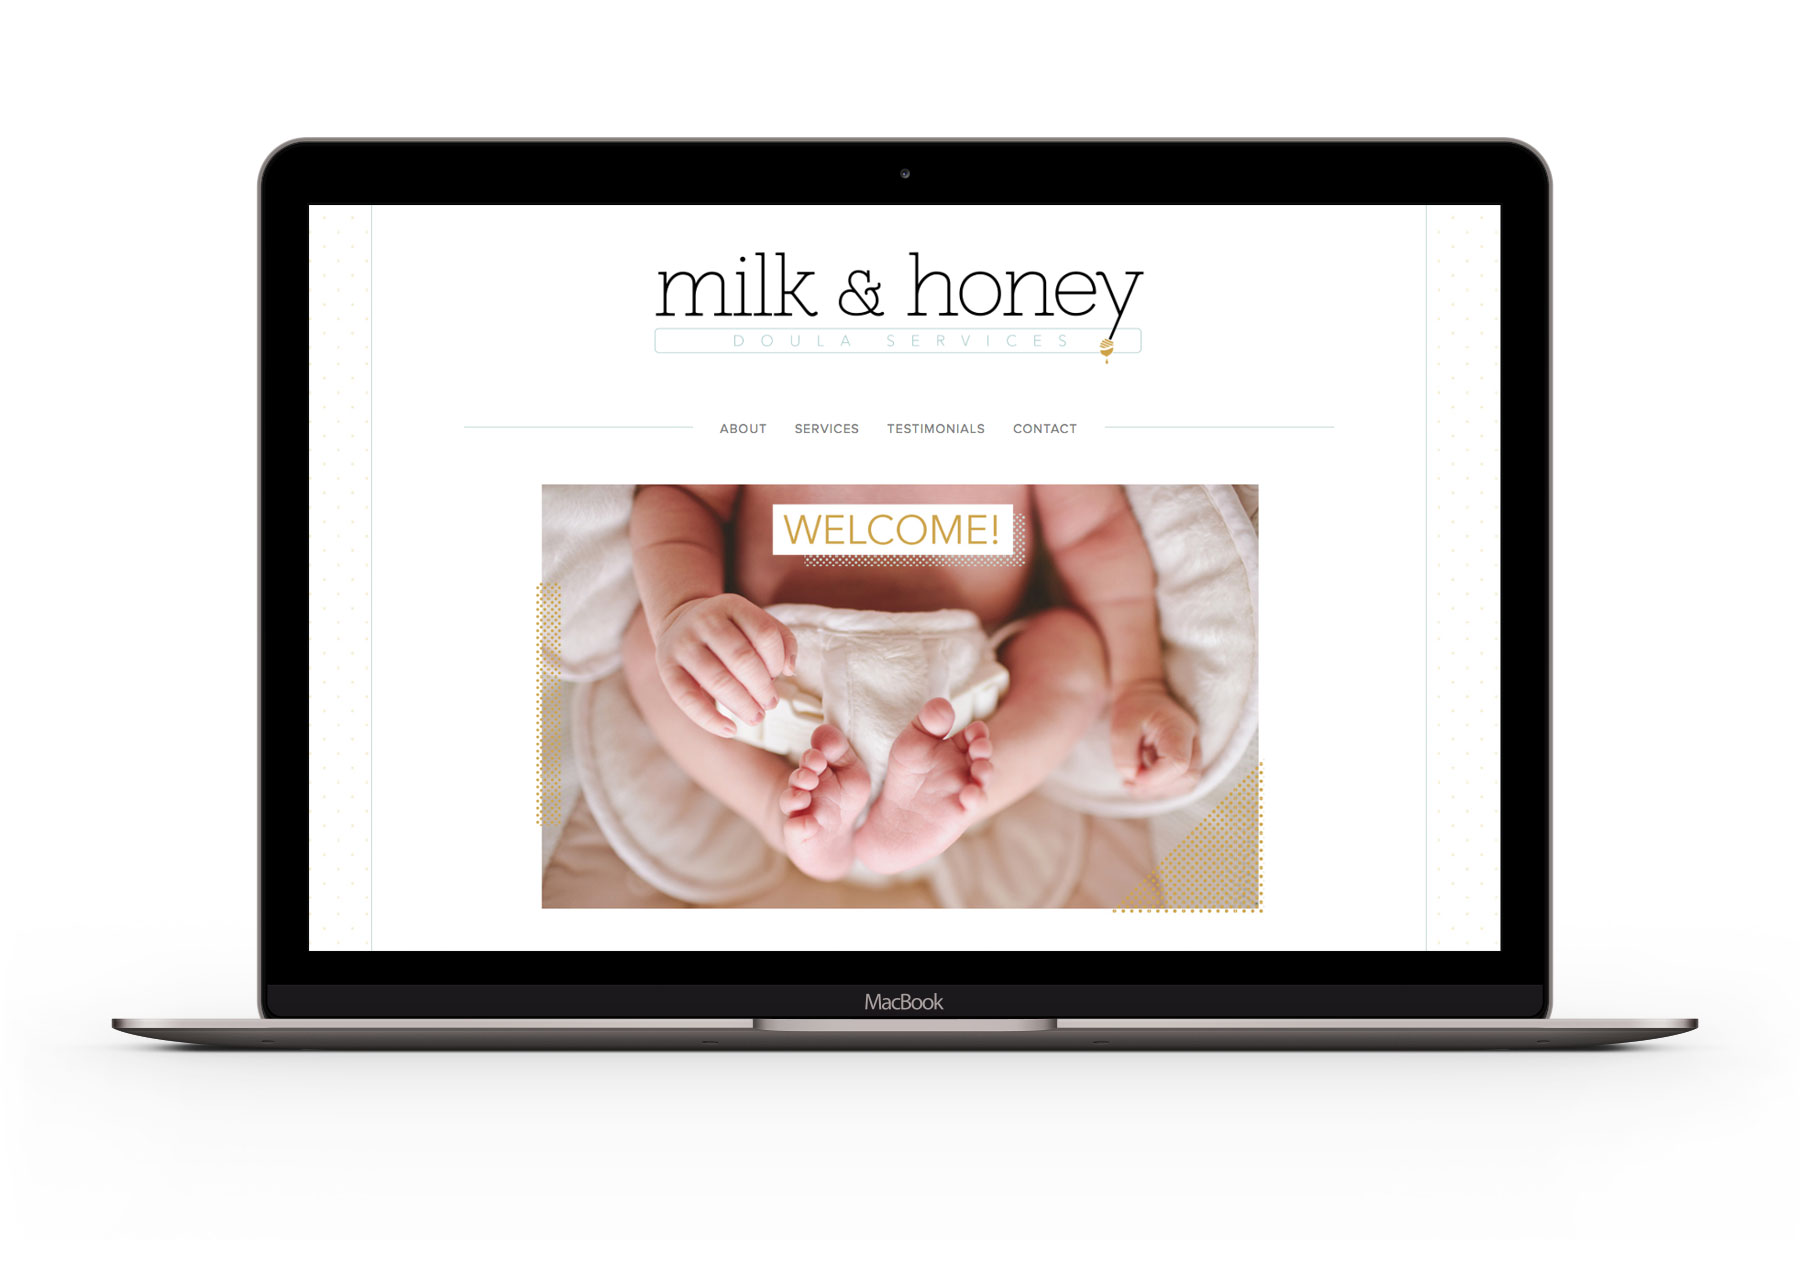 milkandhoney_blog_website1.jpg